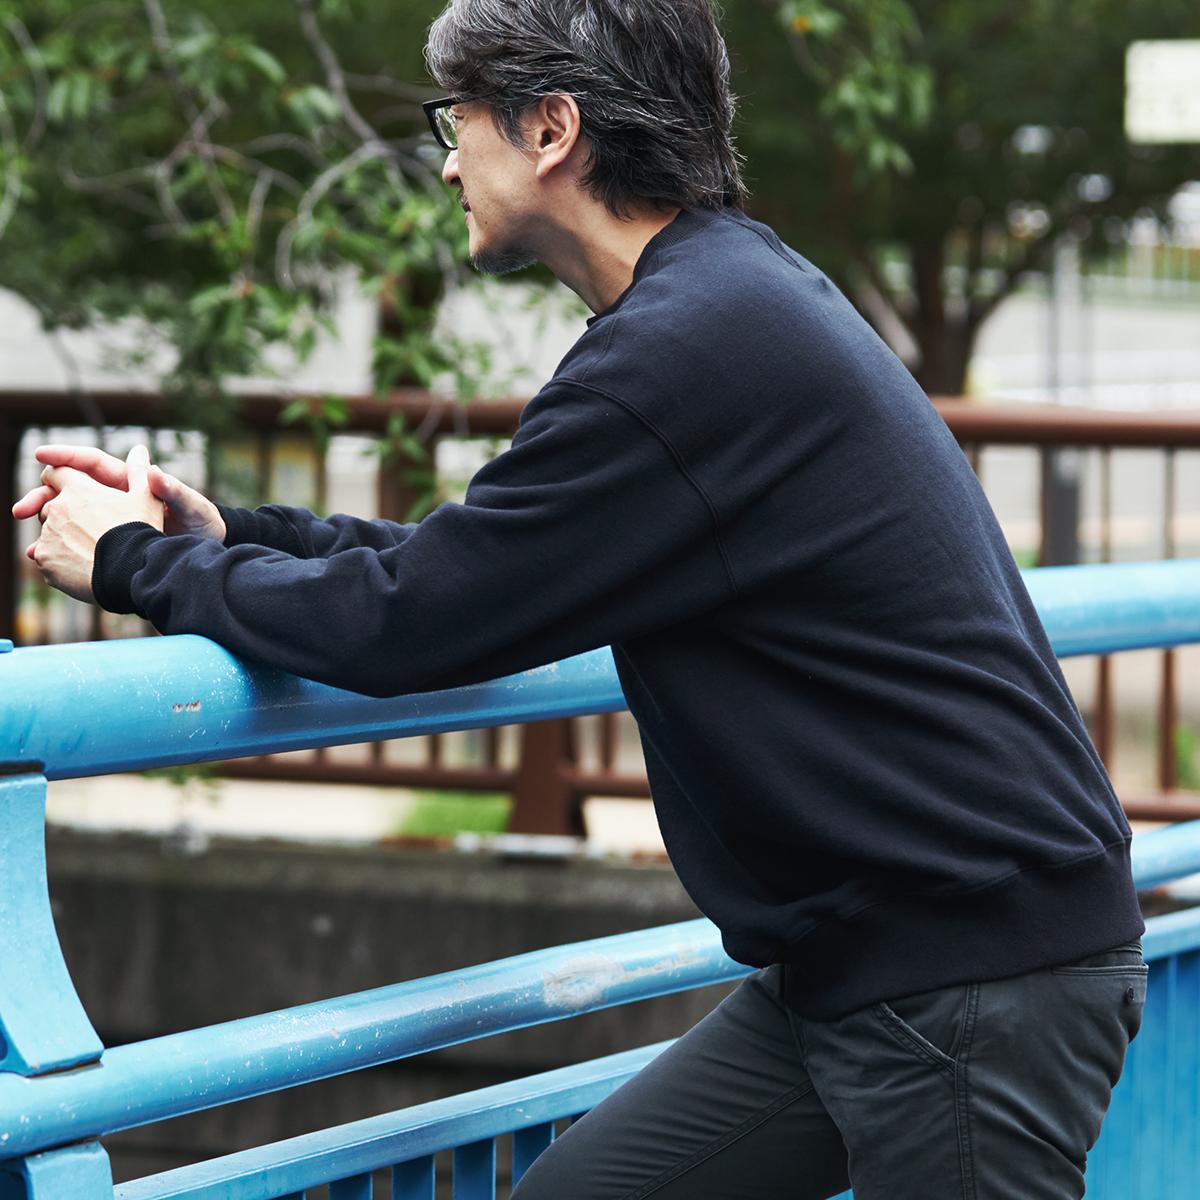 洗うほど、着込むほど、やわらかく馴染みます。スポルディング社の名作から、現存していない「ブラック」をMade in Japanで「トレーニングシャツ」|A.G. Spalding & Bros